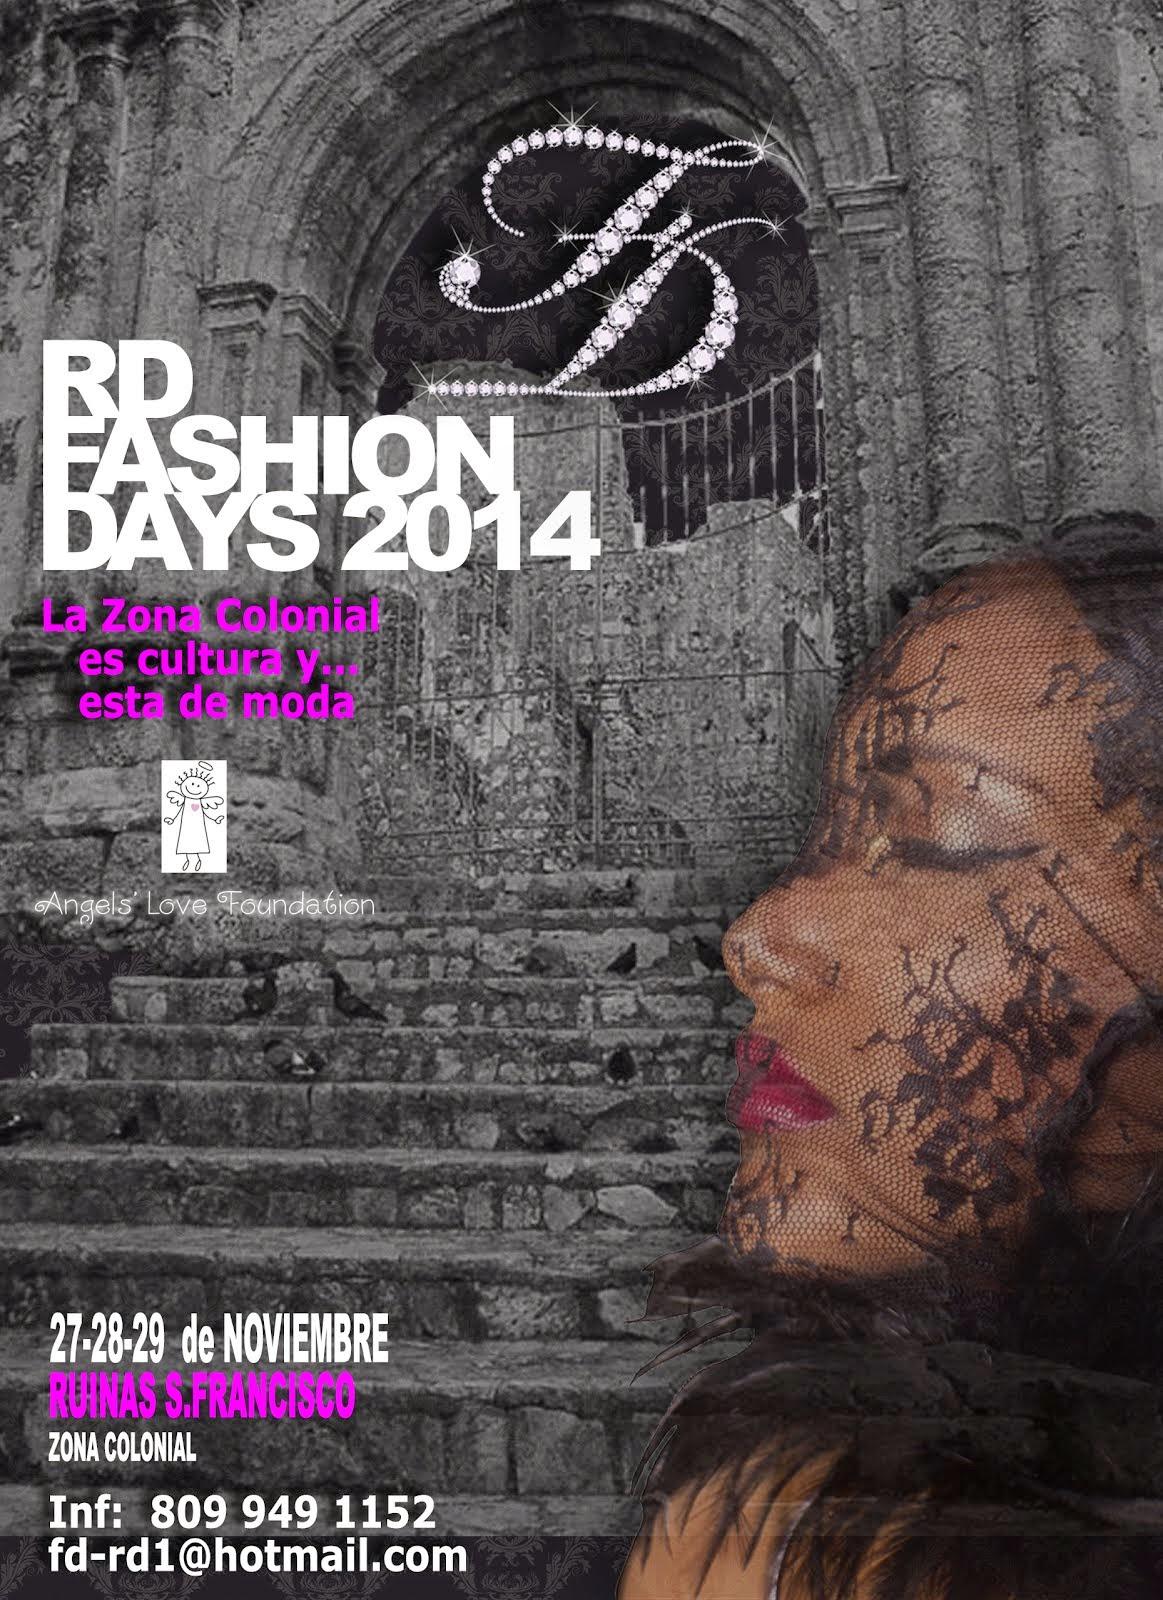 RD Fashion Days